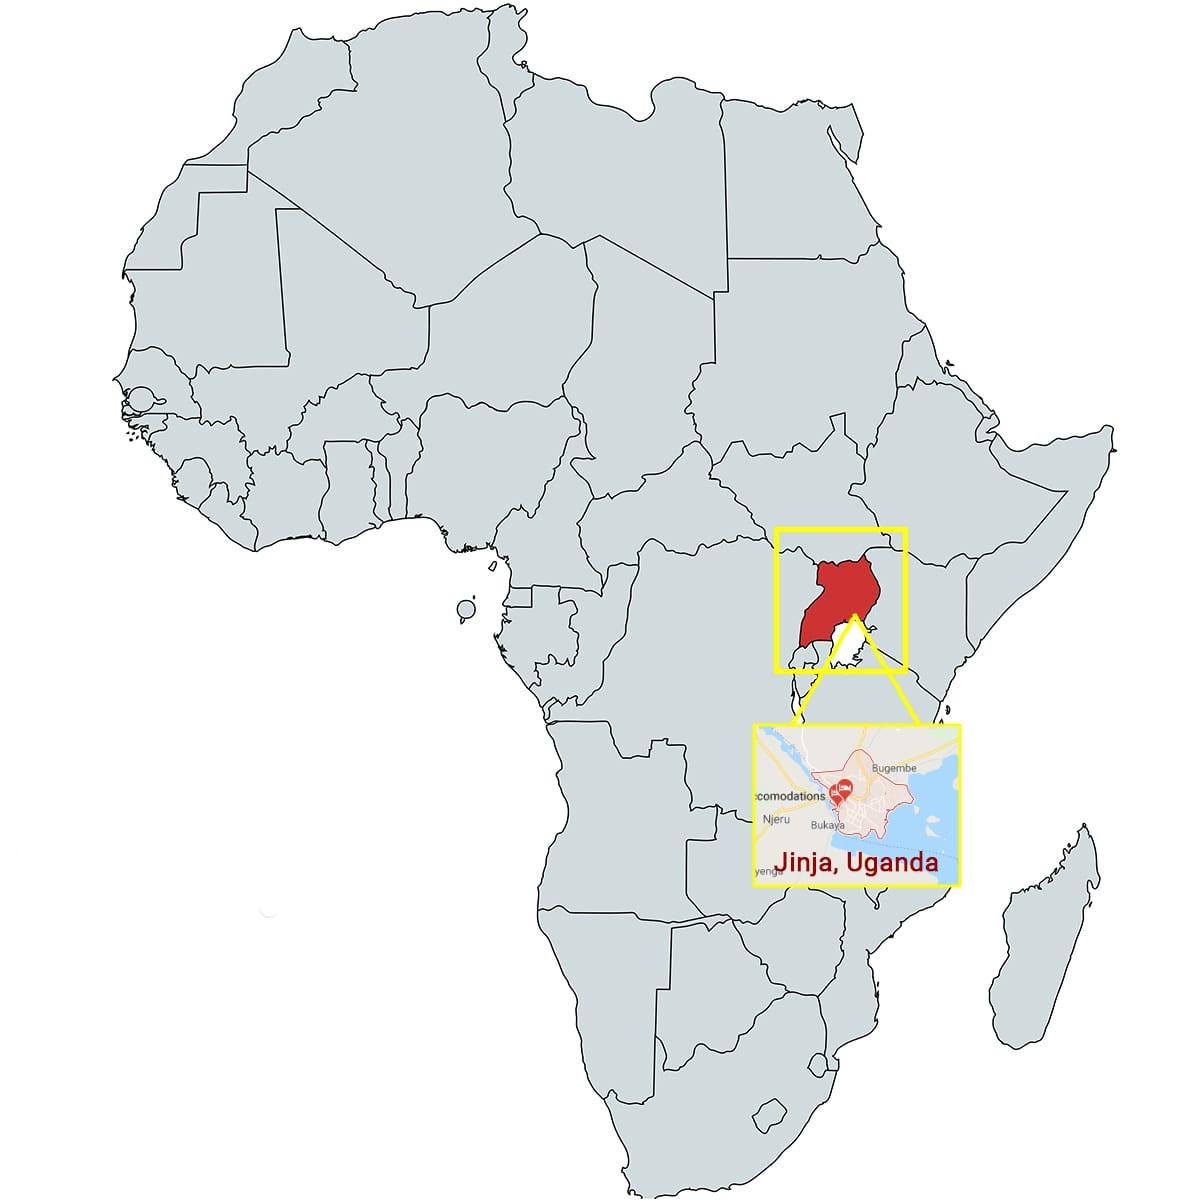 Jinja Uganda Map - Questar III BOCES